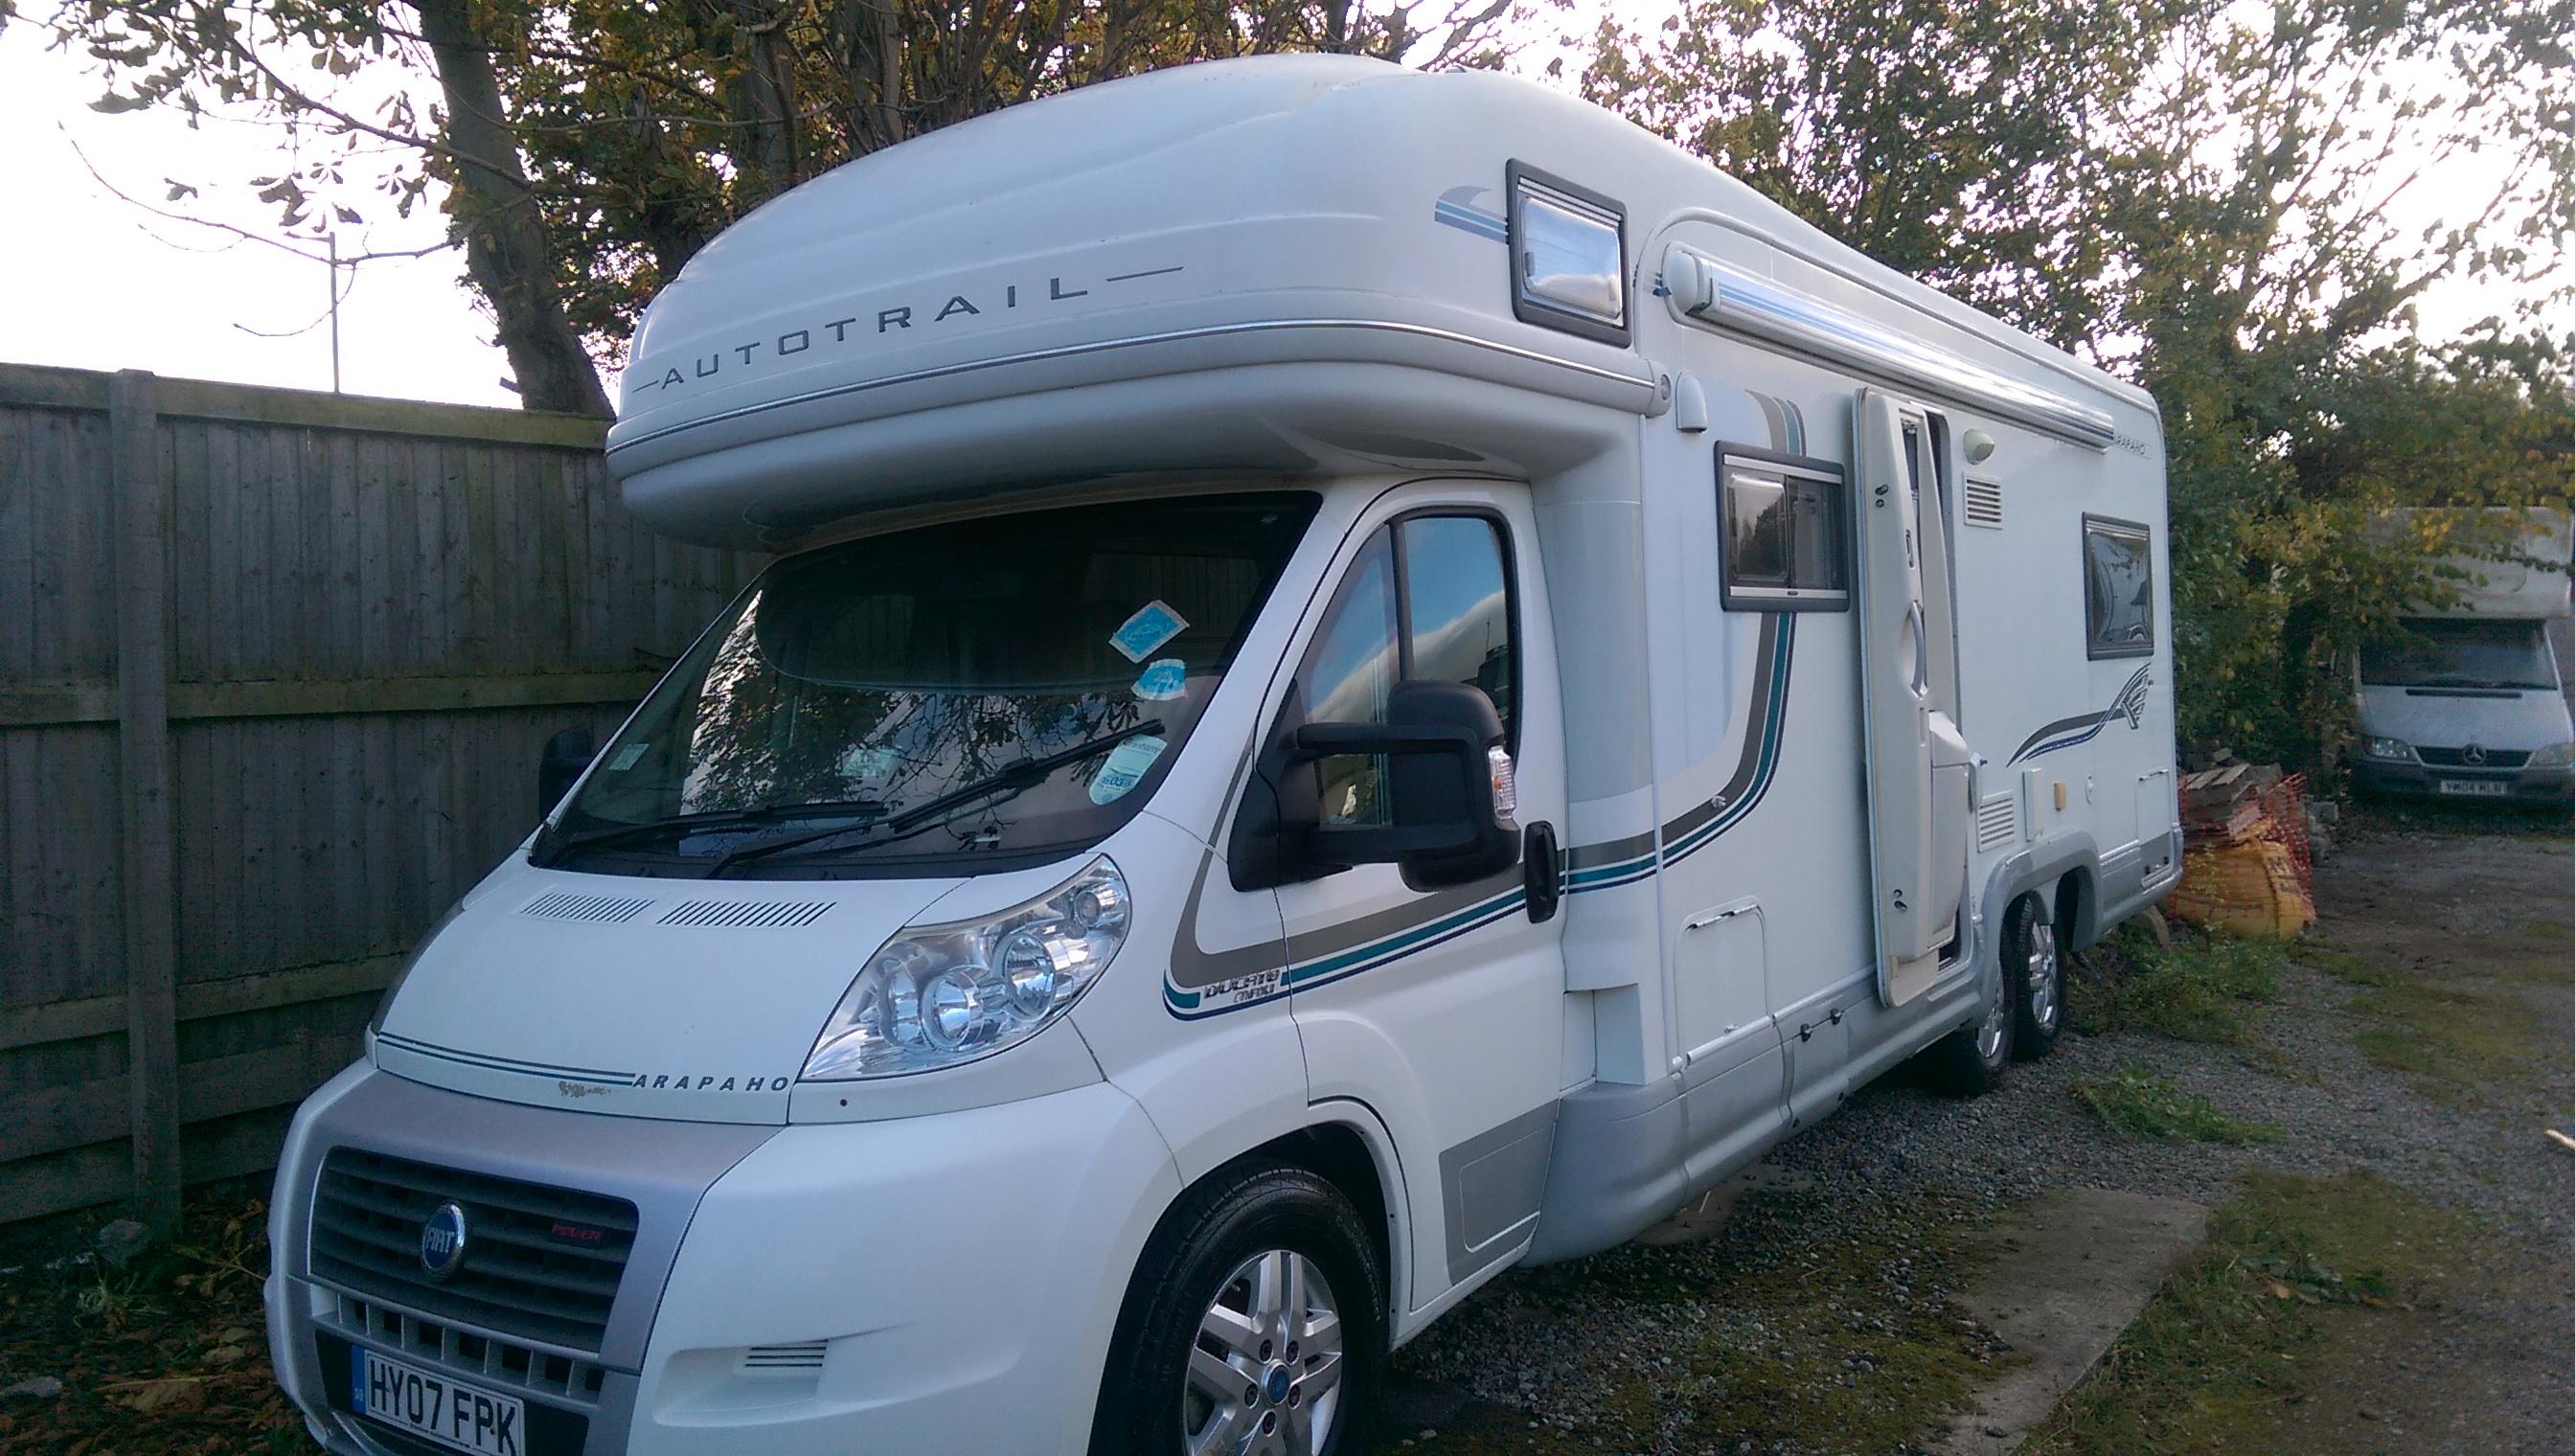 Motorhome And Caravan Valeting In Leeds Ssa Valeting And